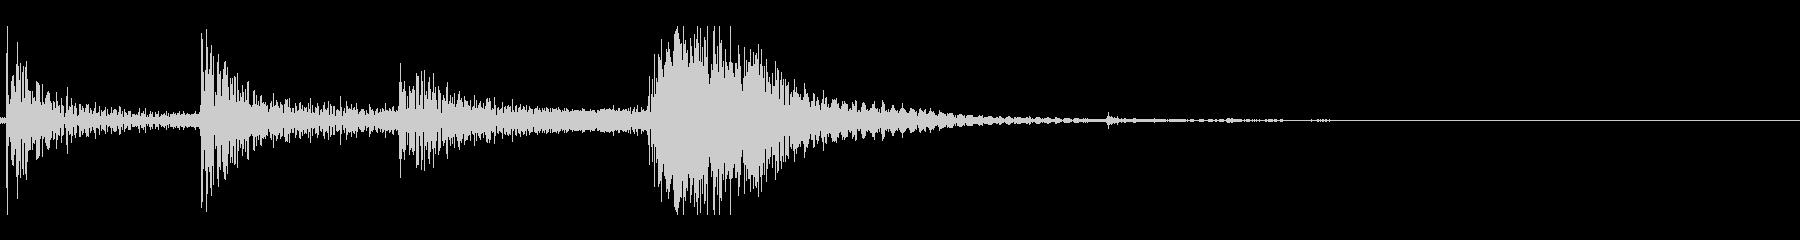 剣を構える(カチャ/チャキン)の未再生の波形